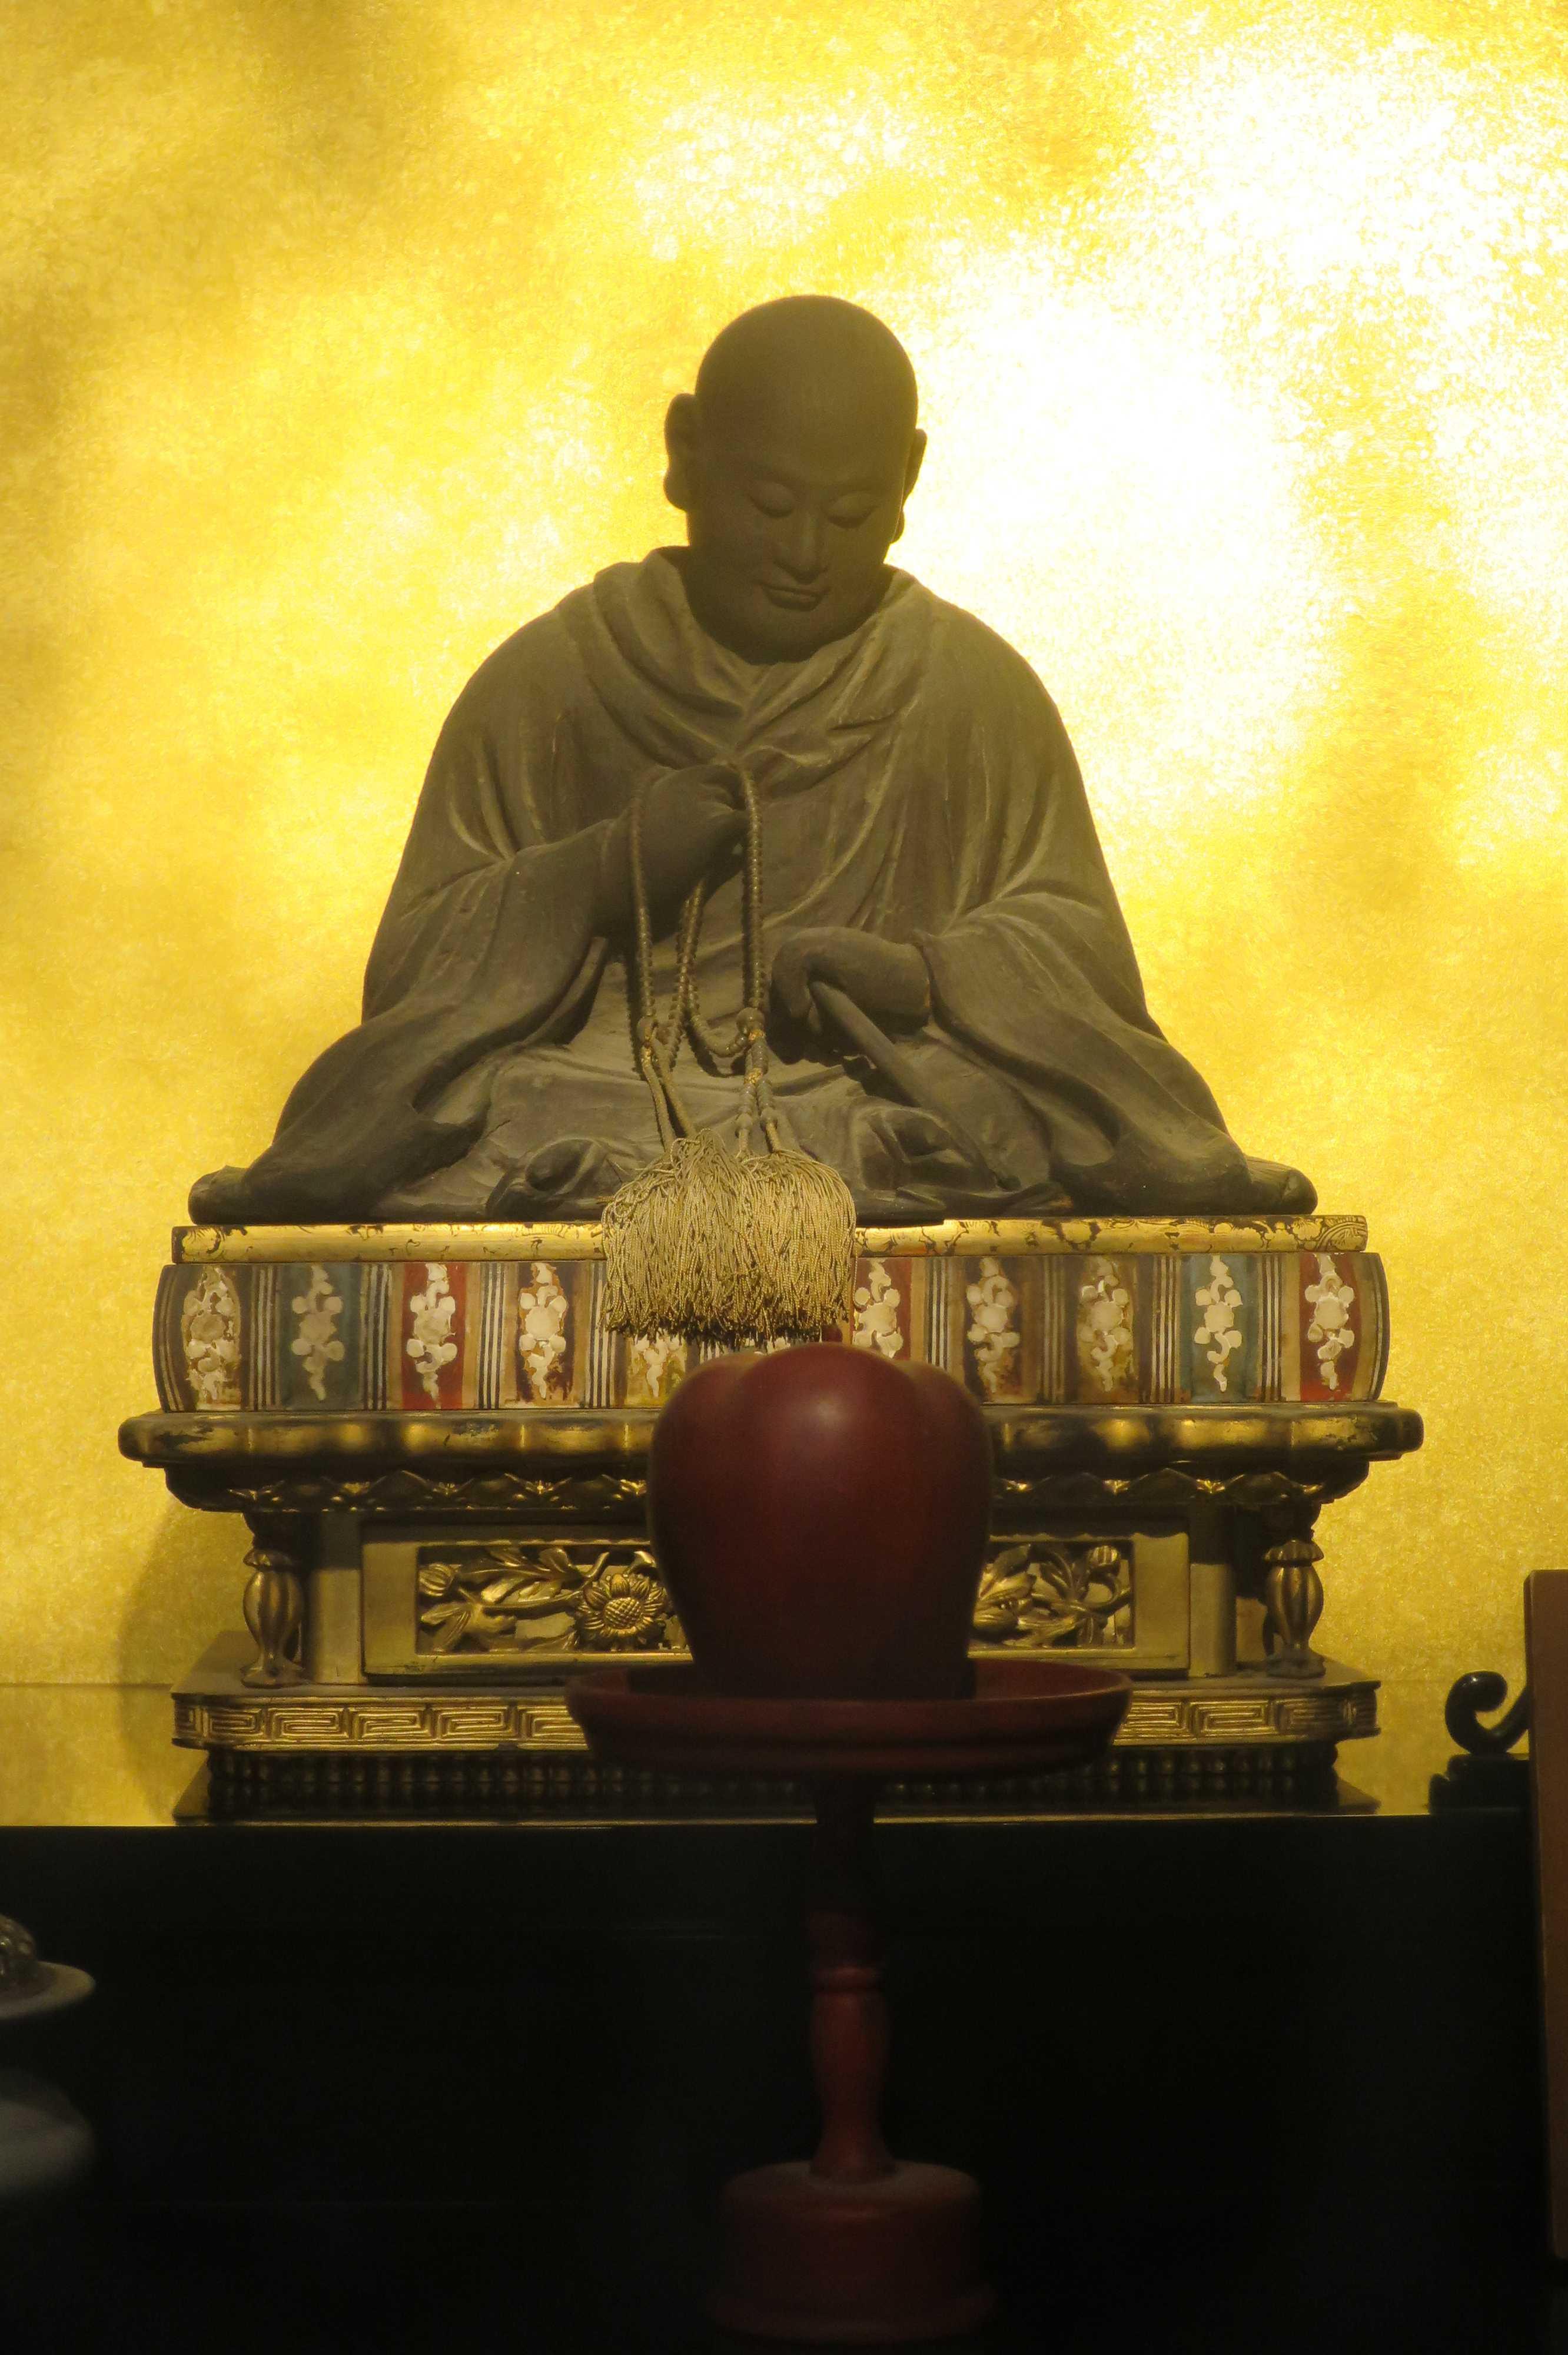 京都・六角堂 - 親鸞上人 夢想之像